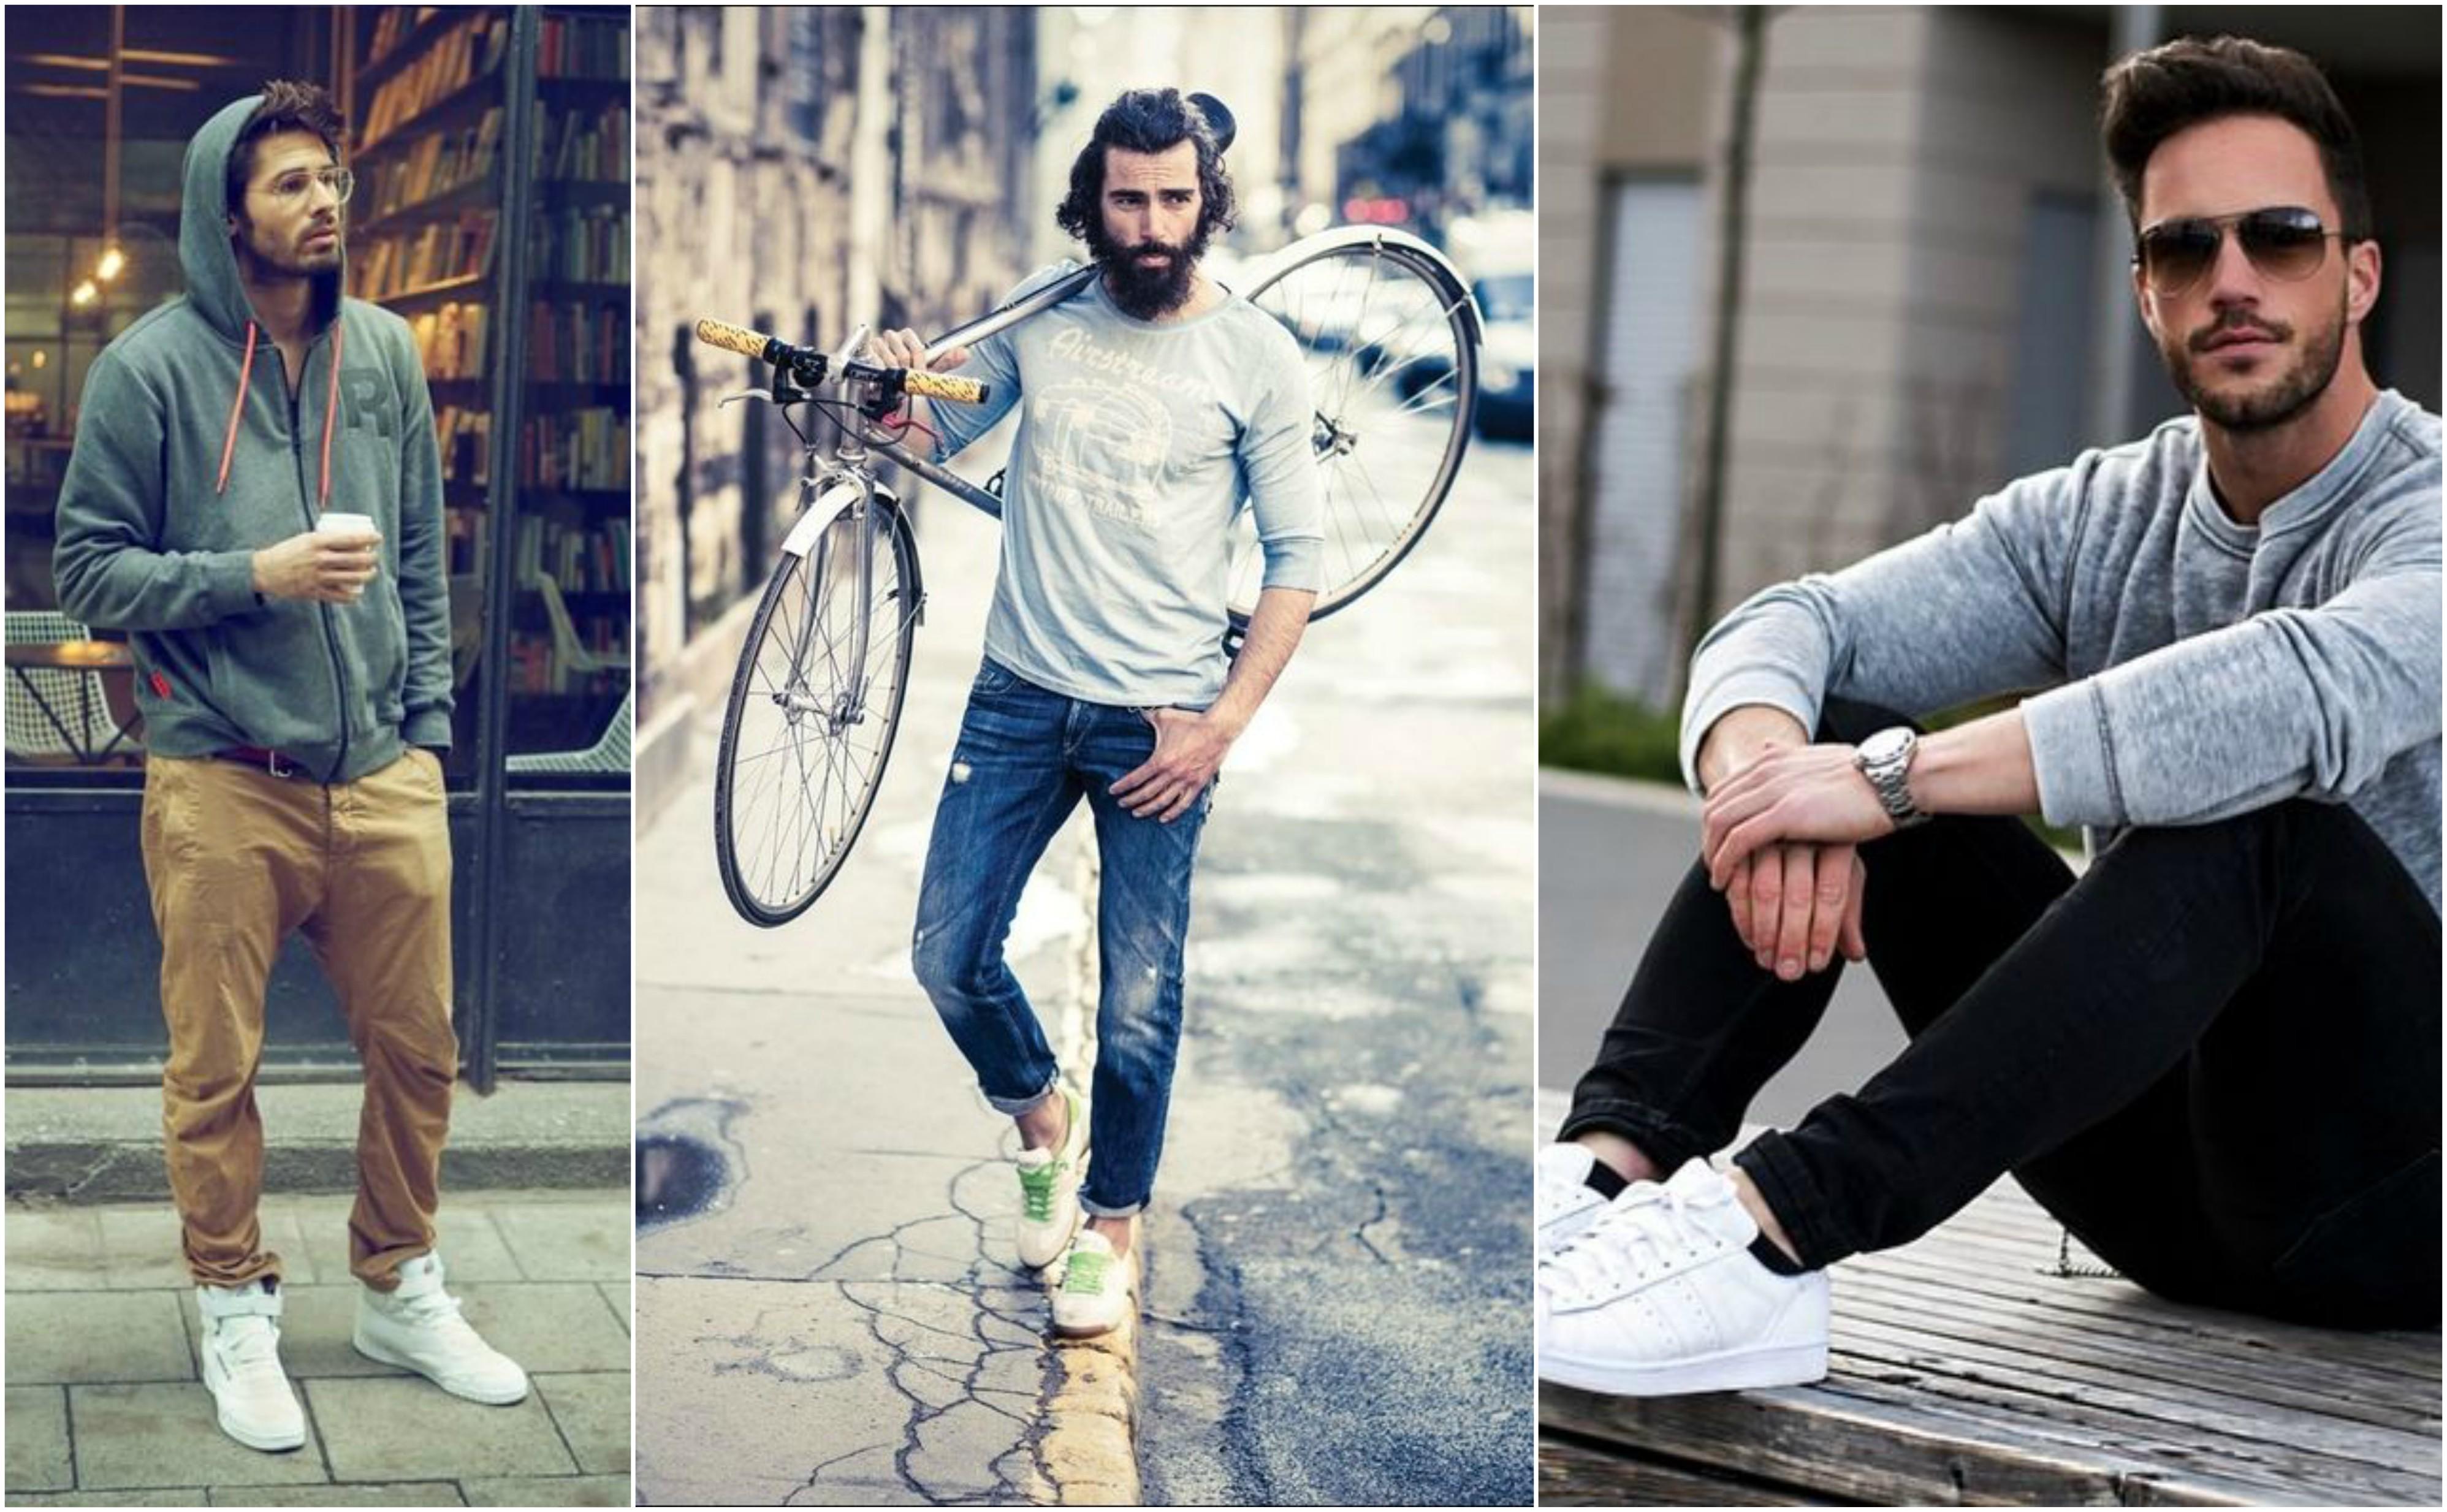 Fehér edzőcipő+farmer férfiaknak Grafostylist: önismeret